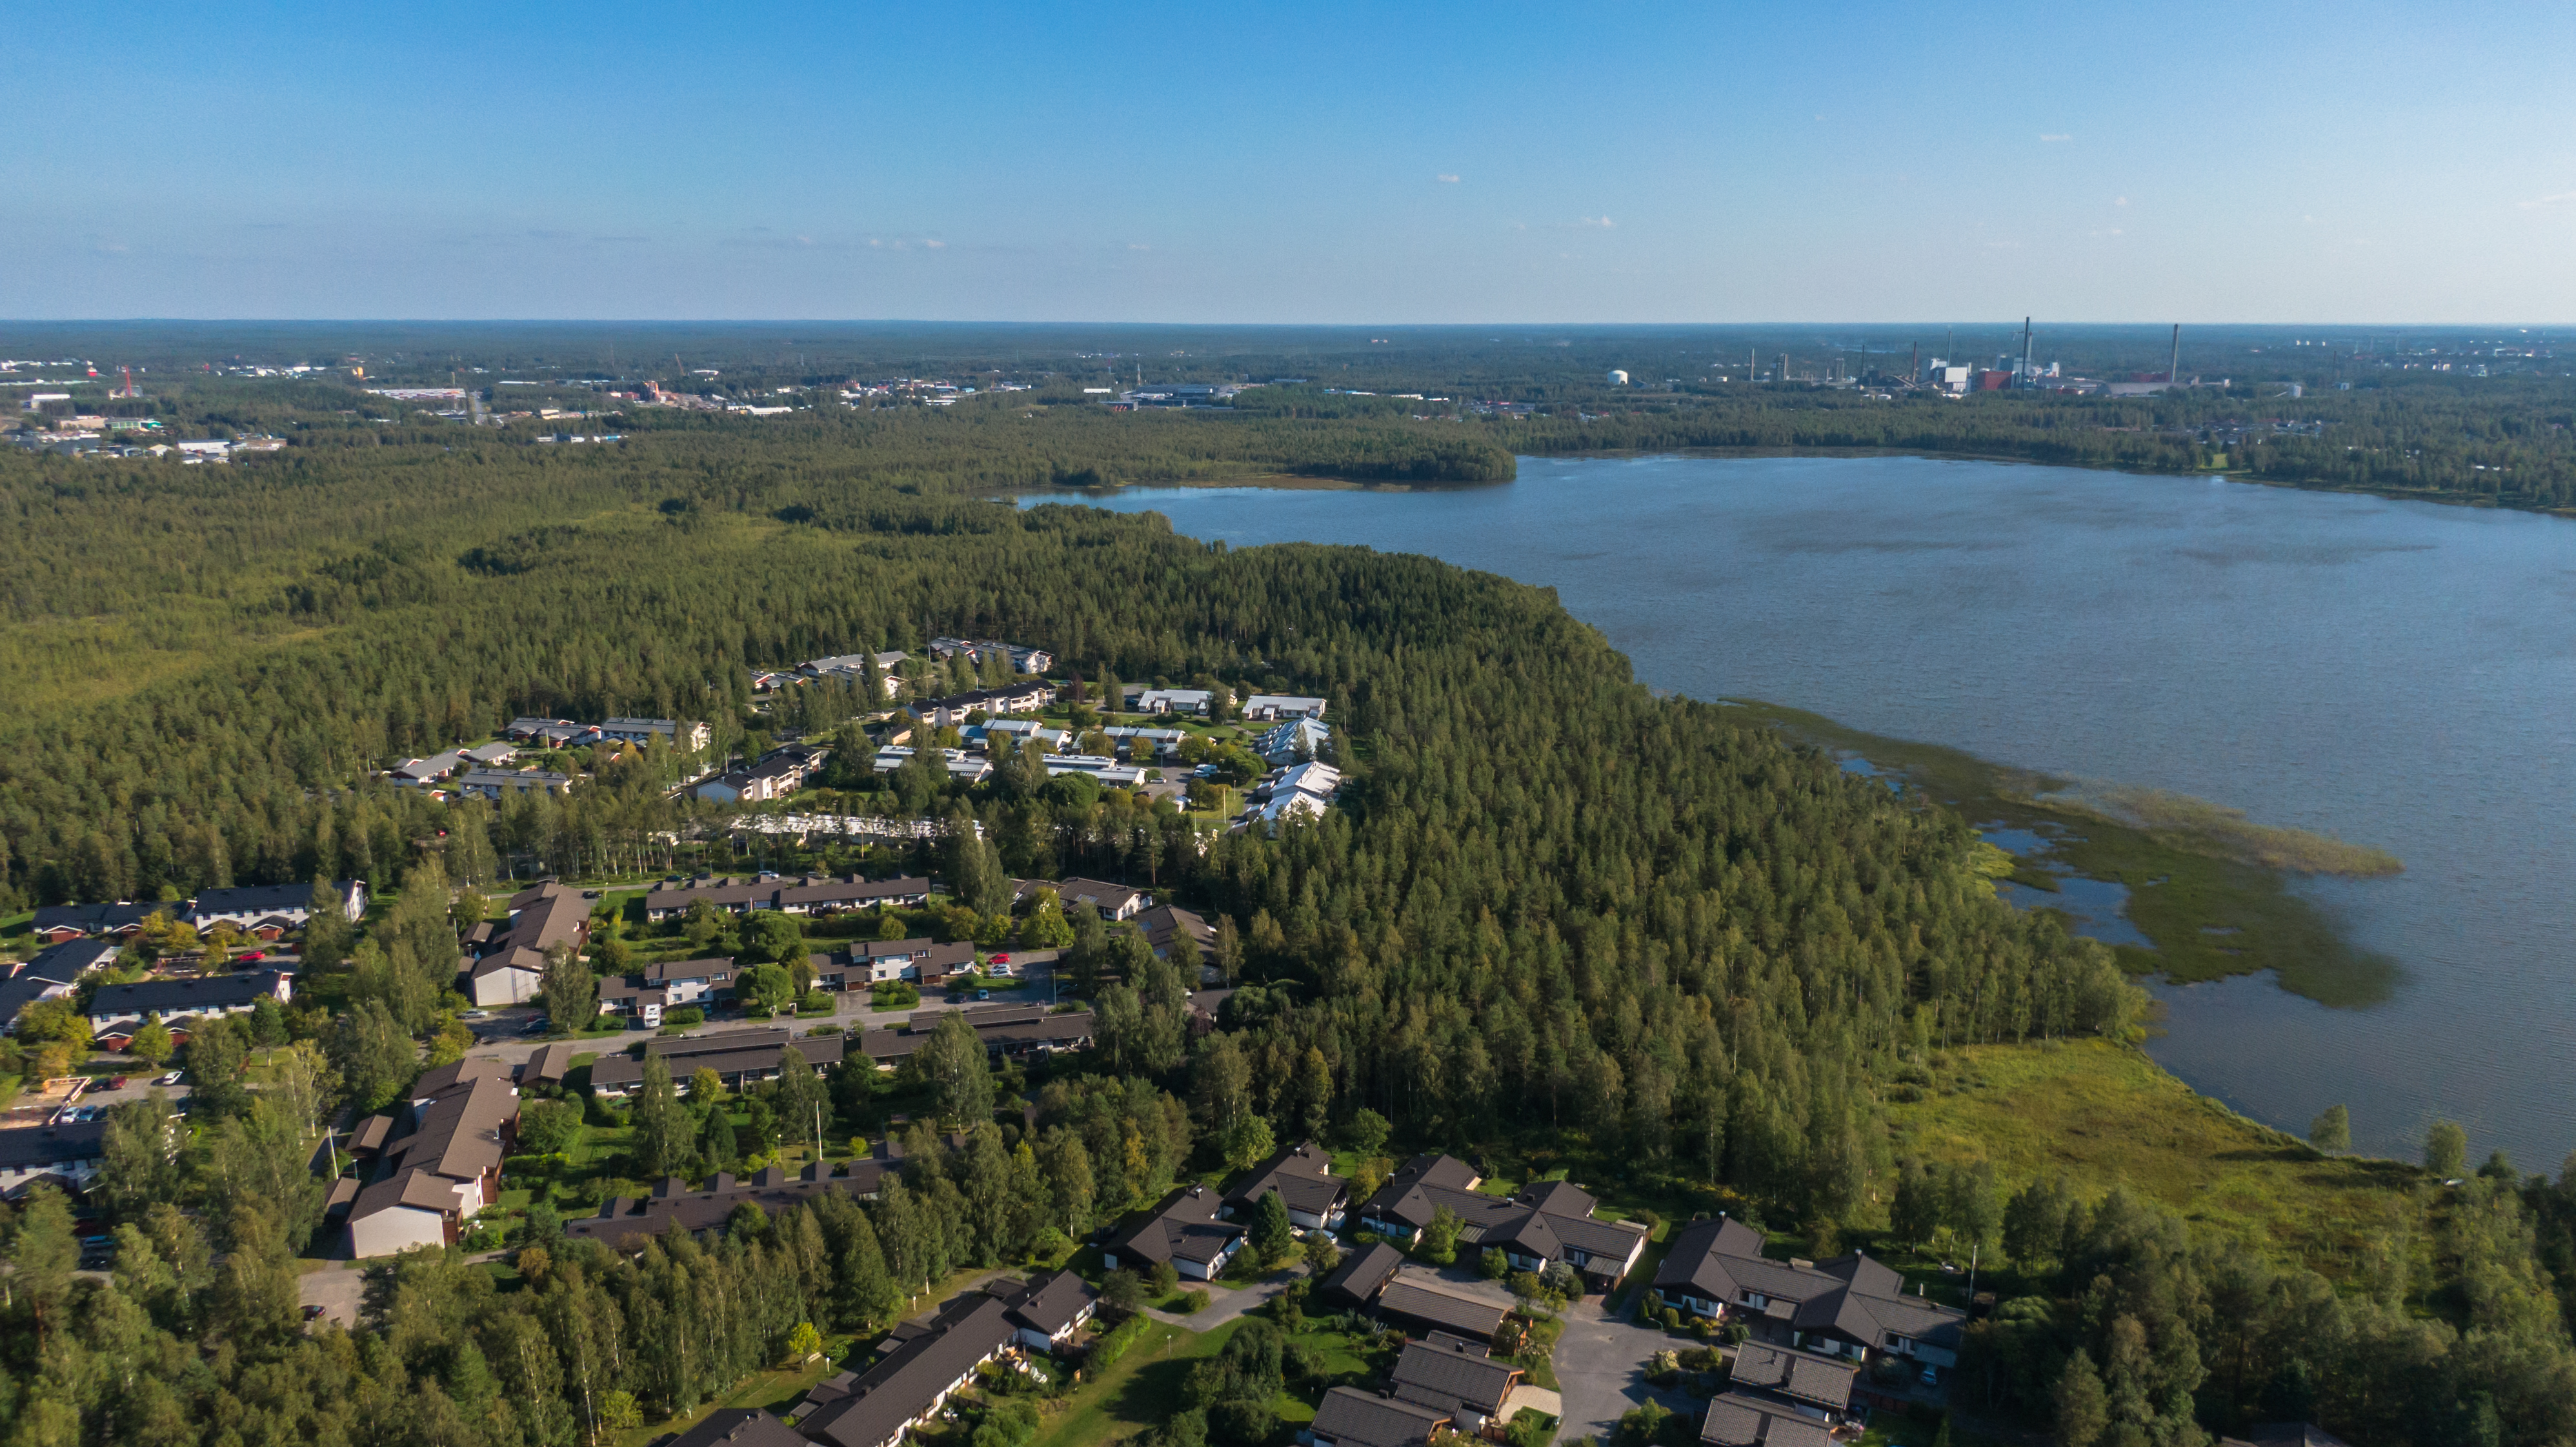 Dronella otettu ilmakuva Kaijonrannan asuinalueelta Oulusta. Pyykösjärvi ja kesäistä metsäistä maisemaaa. Melkein sininen taivas.